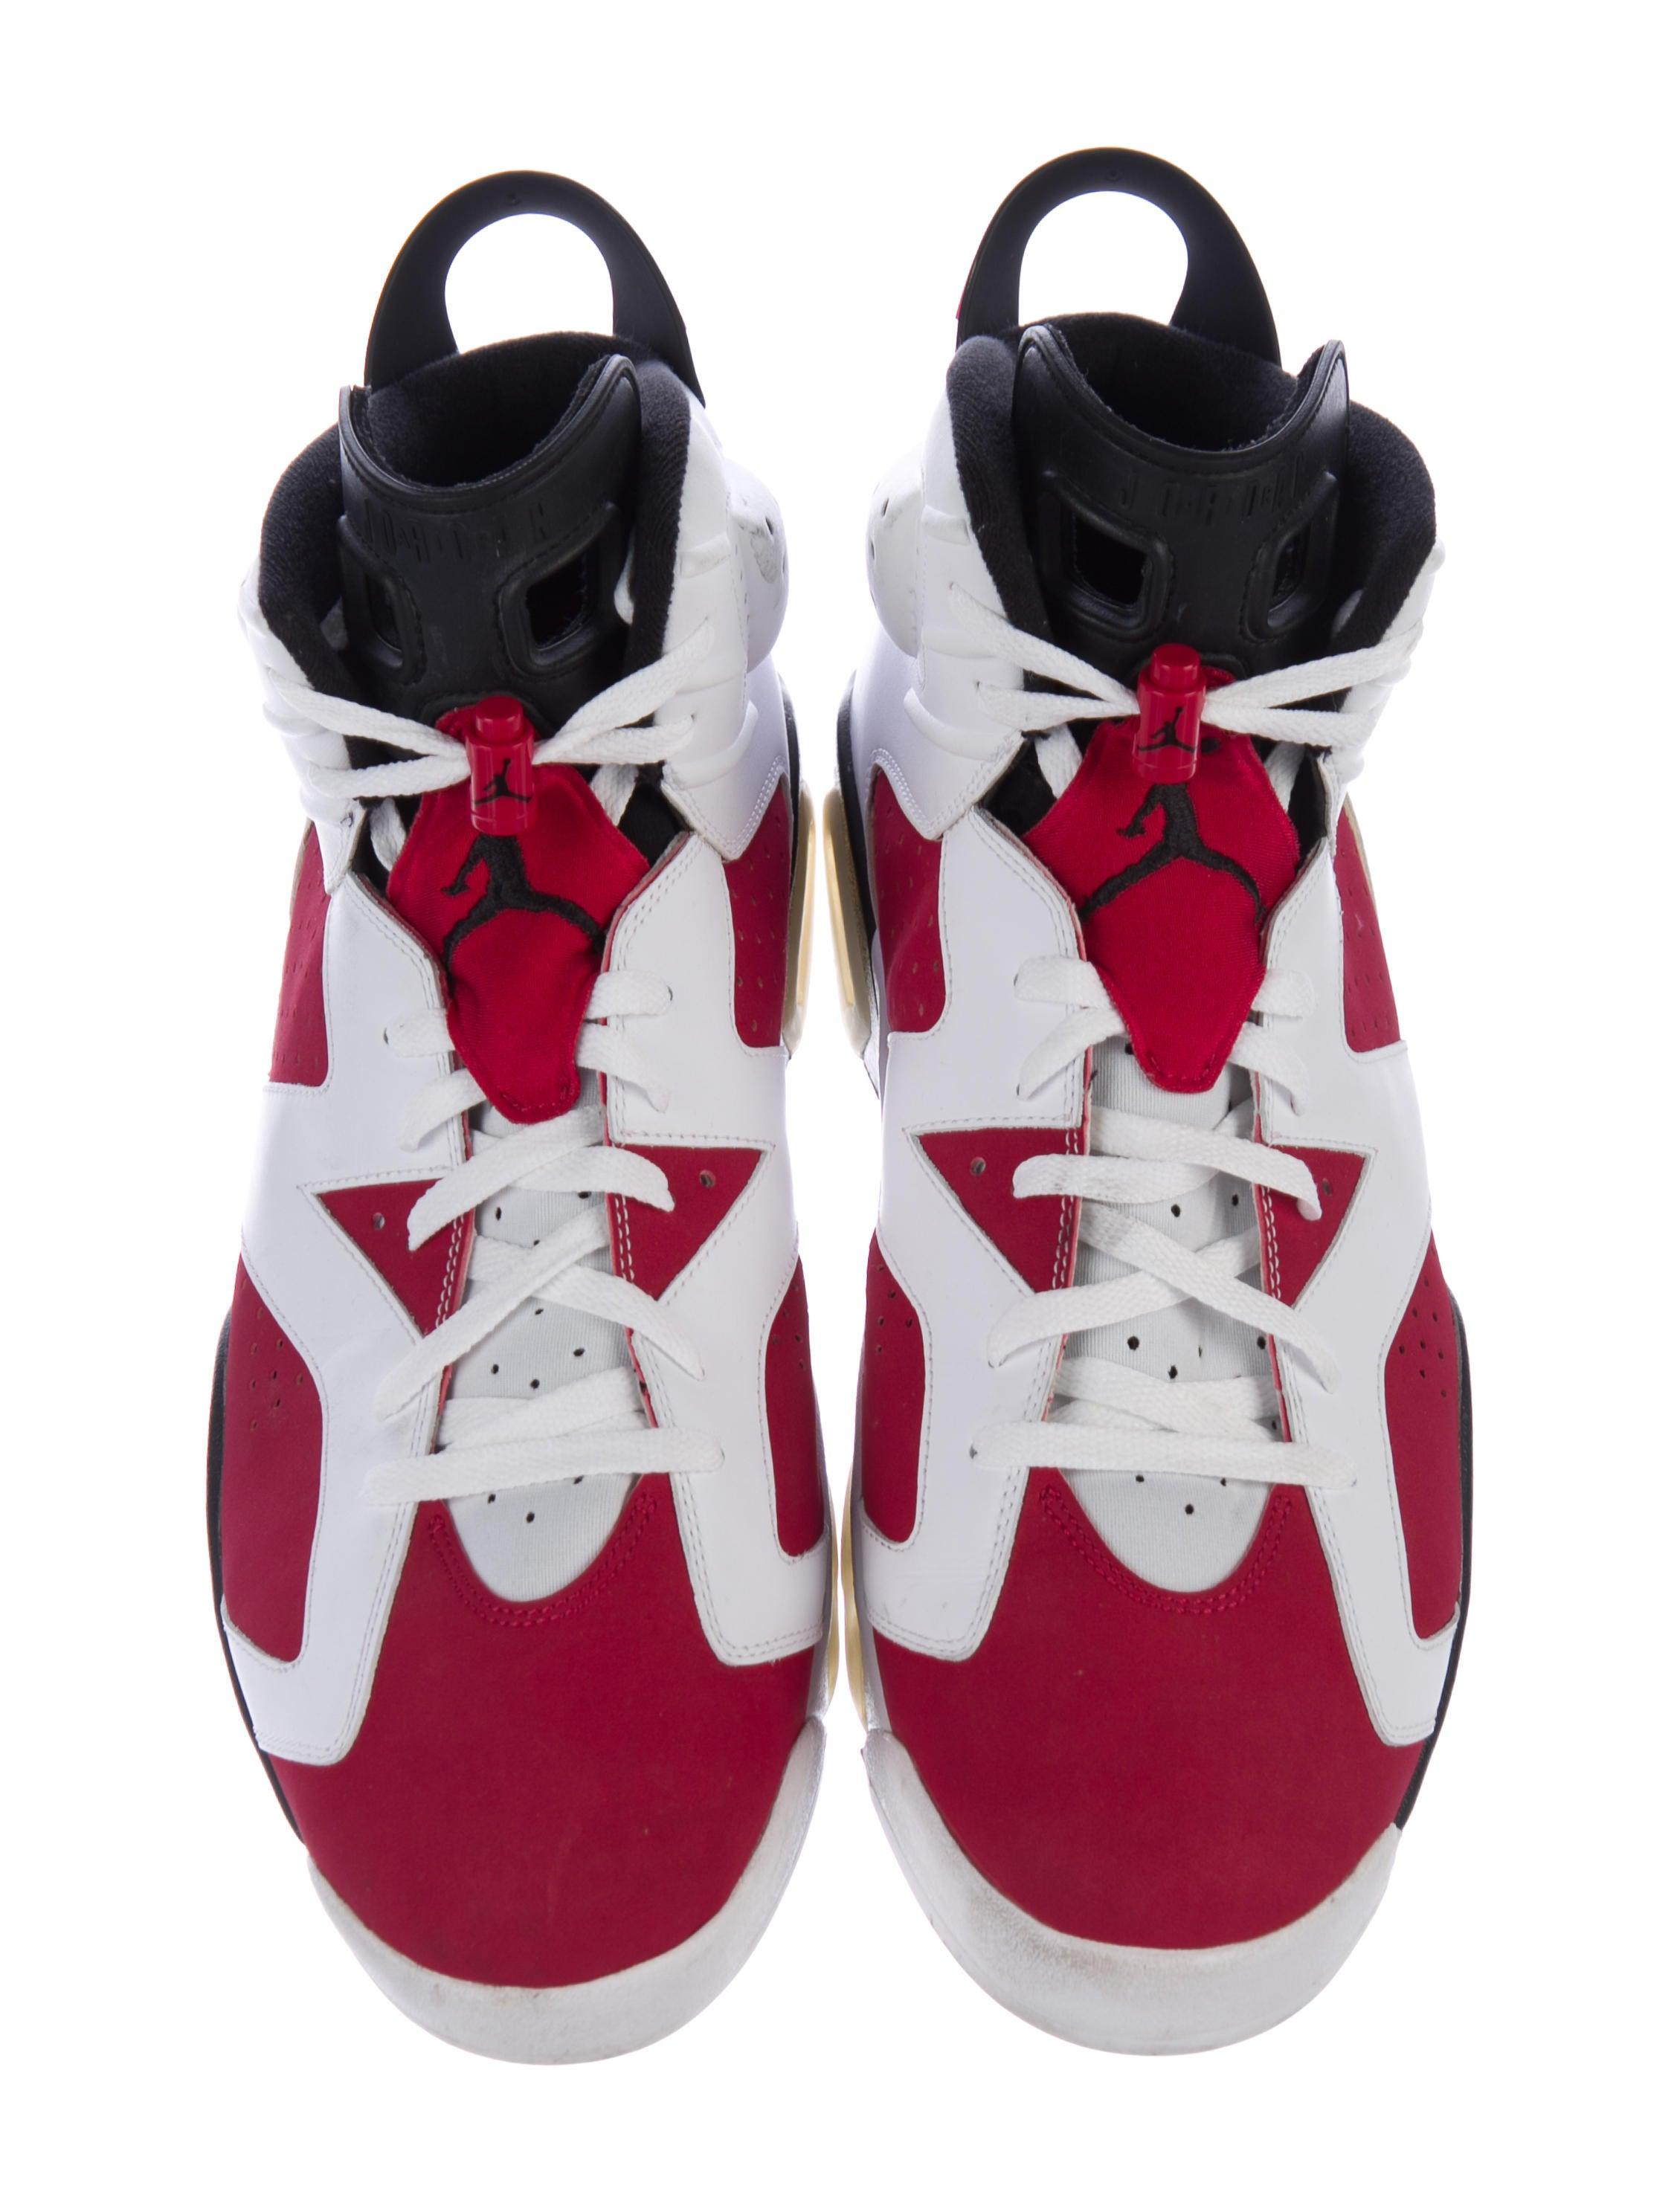 Playstation Nike Monster Shox Penny Hardaway Sneakers Foamposite ... 2d2e94a7b